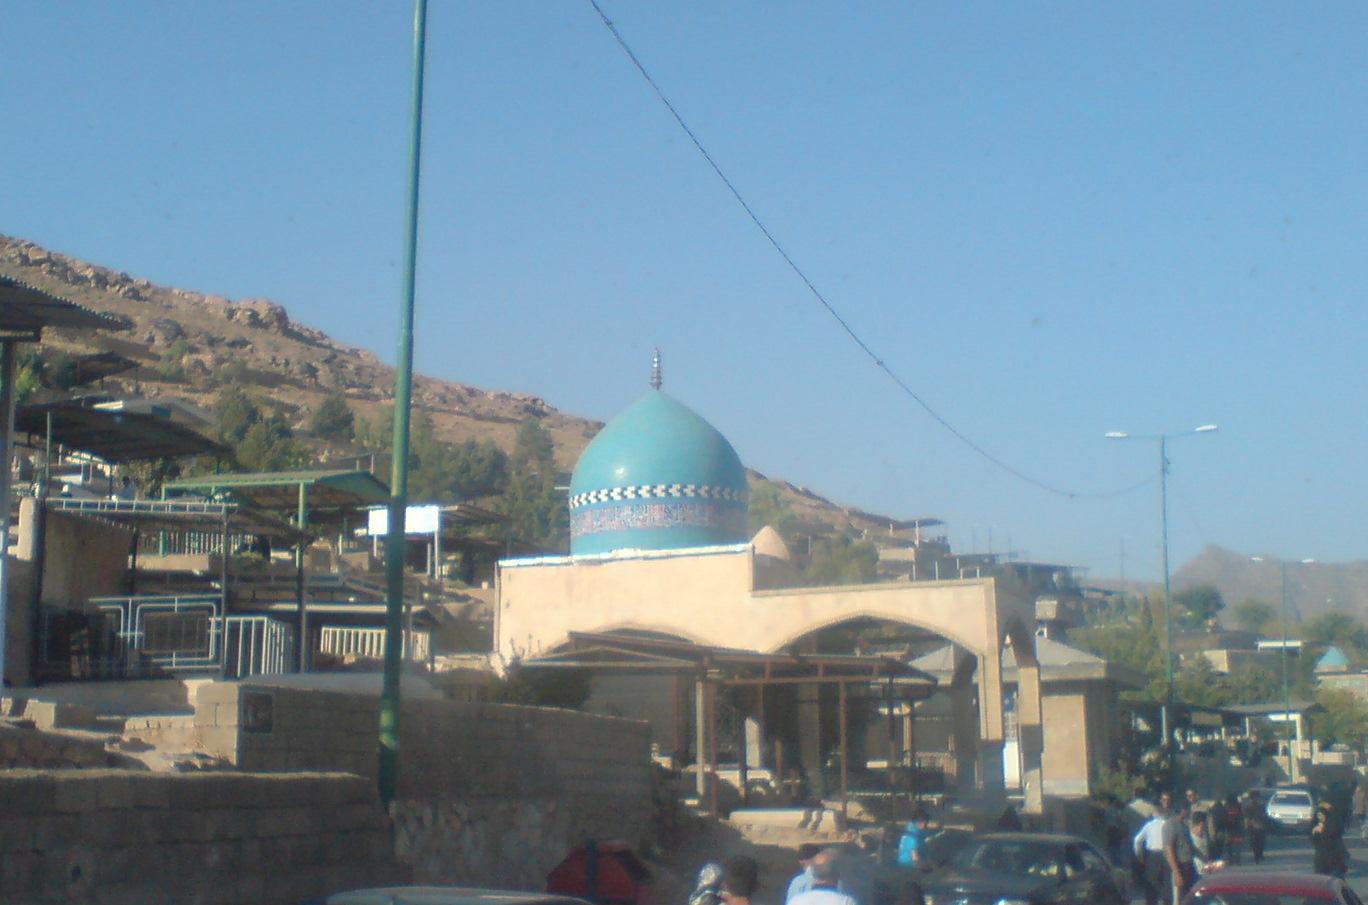 http://sadri87.persiangig.com/image/Marghad/Sadri_Marghad1.jpg